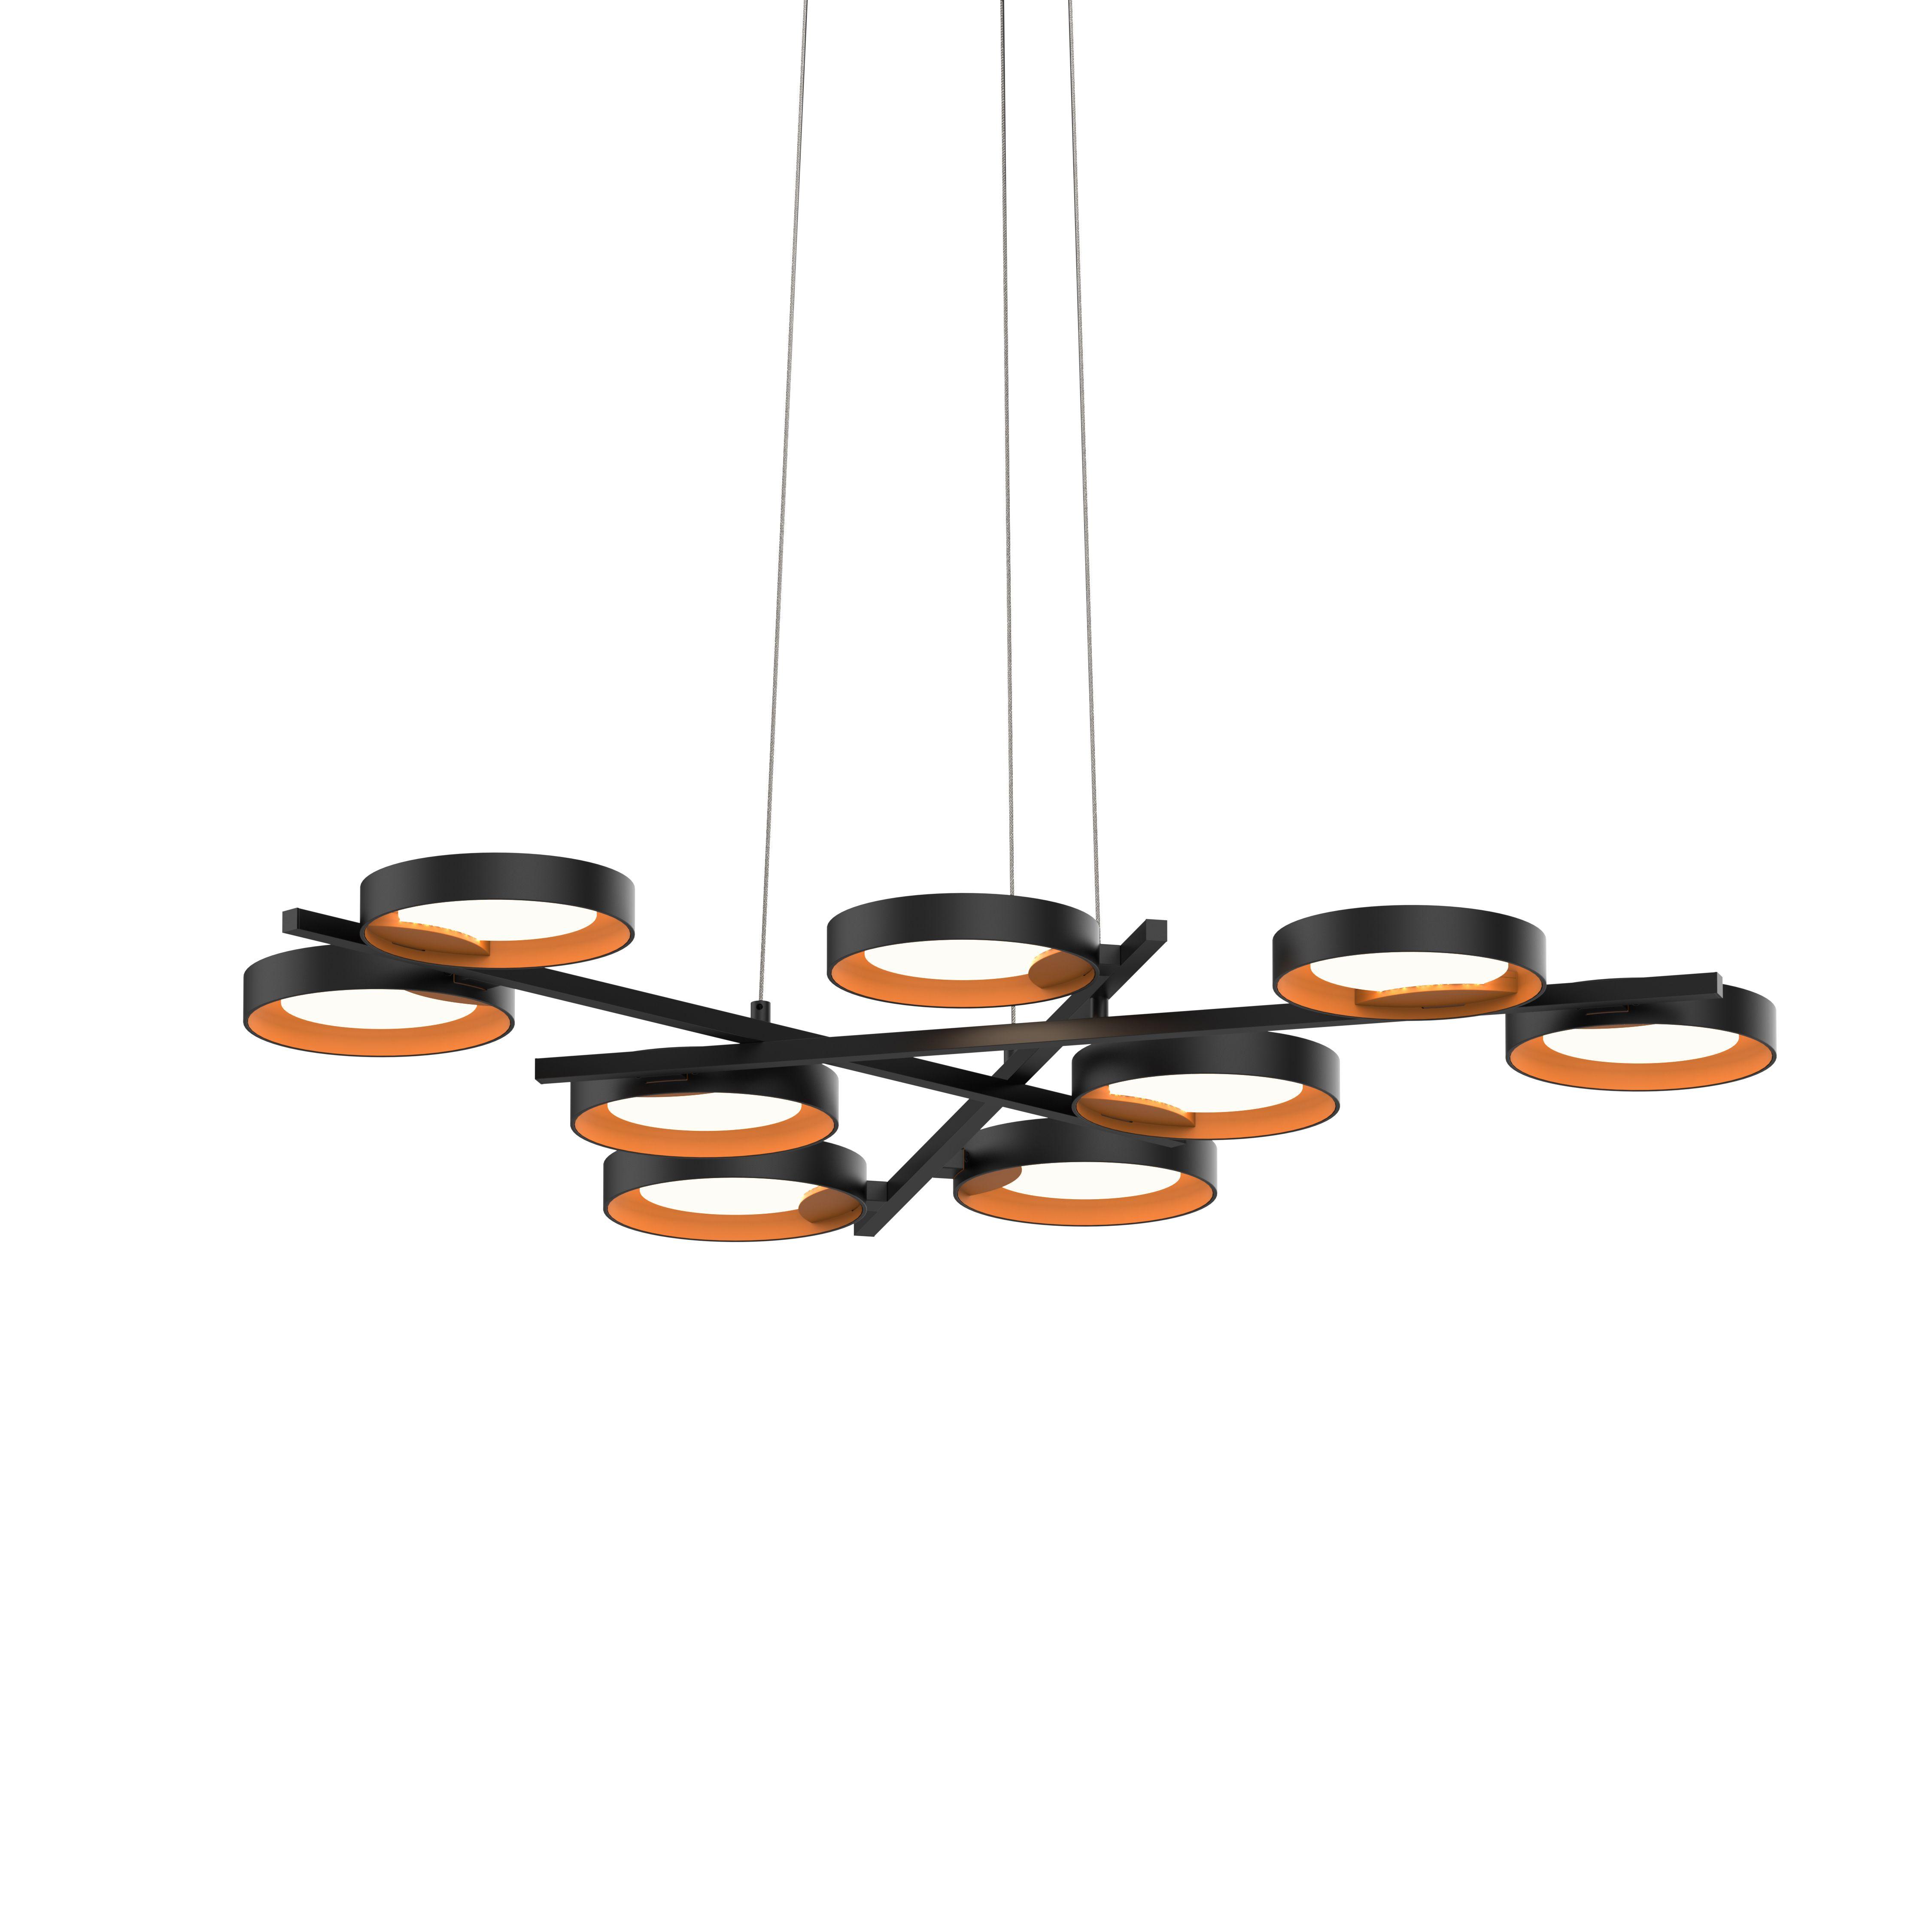 light guide ring 9light led sonneman a way - Sonneman Lighting